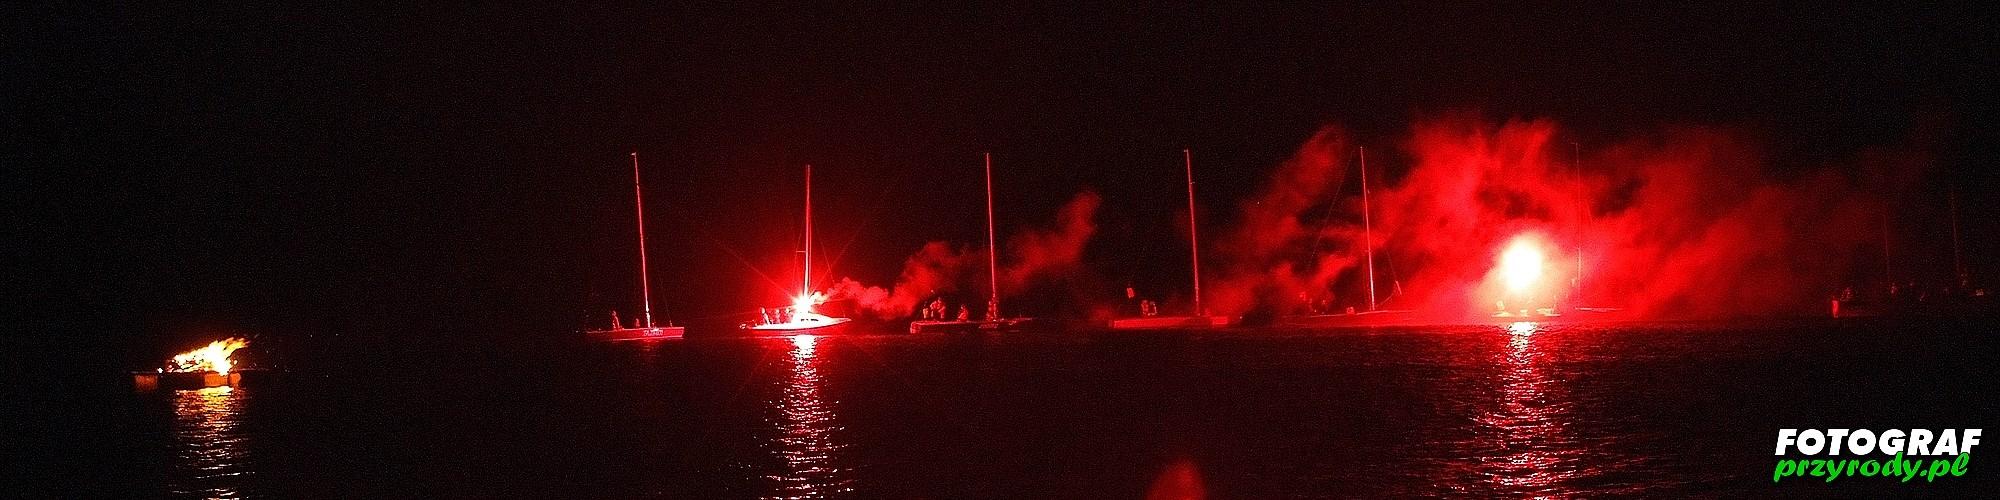 noc świętojańska na jeziorze Olecko